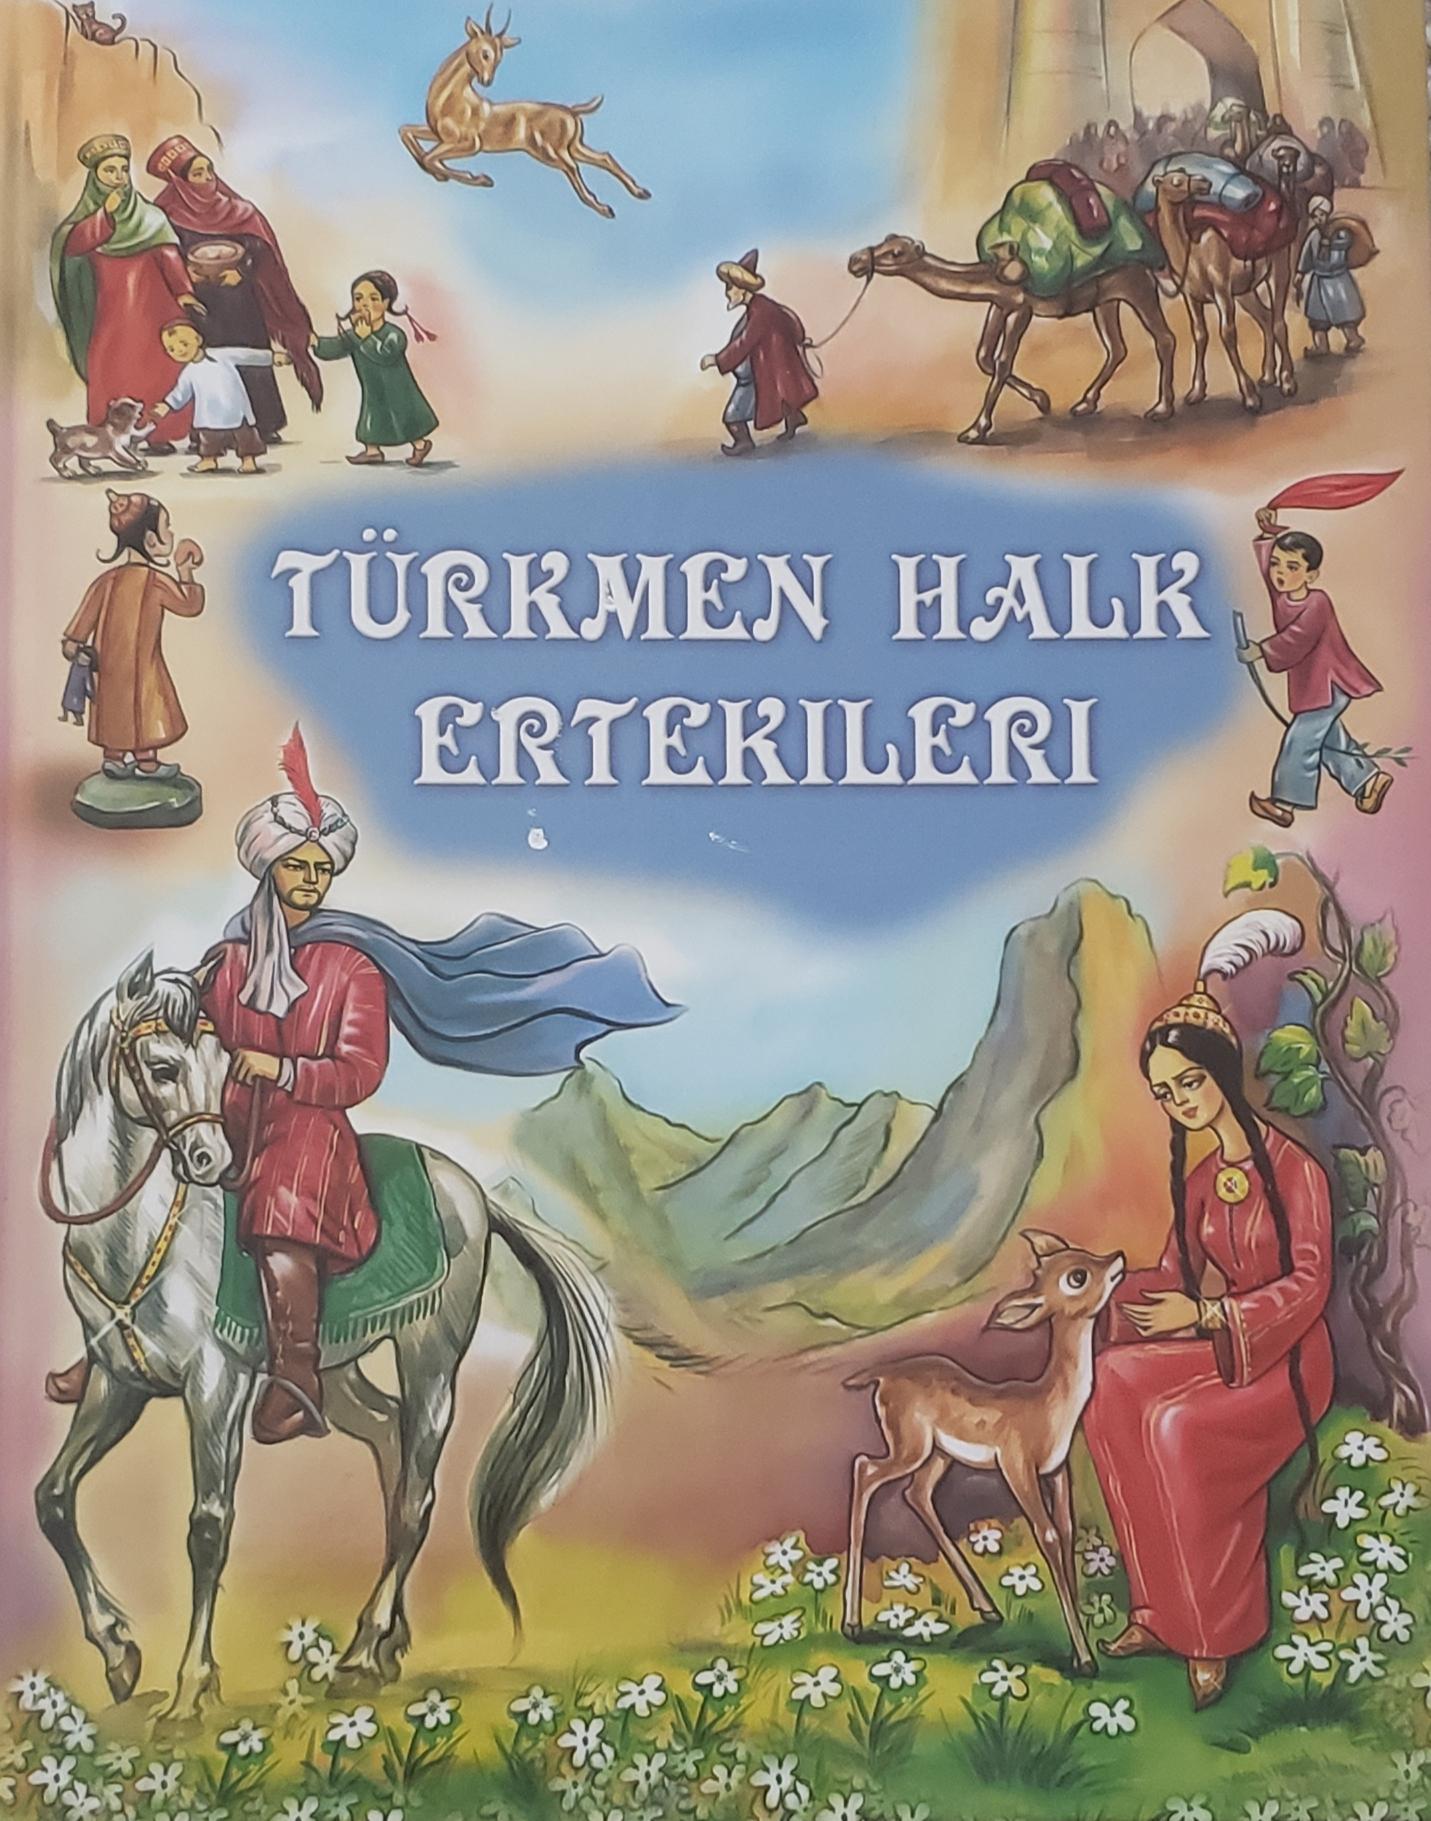 Turkmen Halk Ertekileri